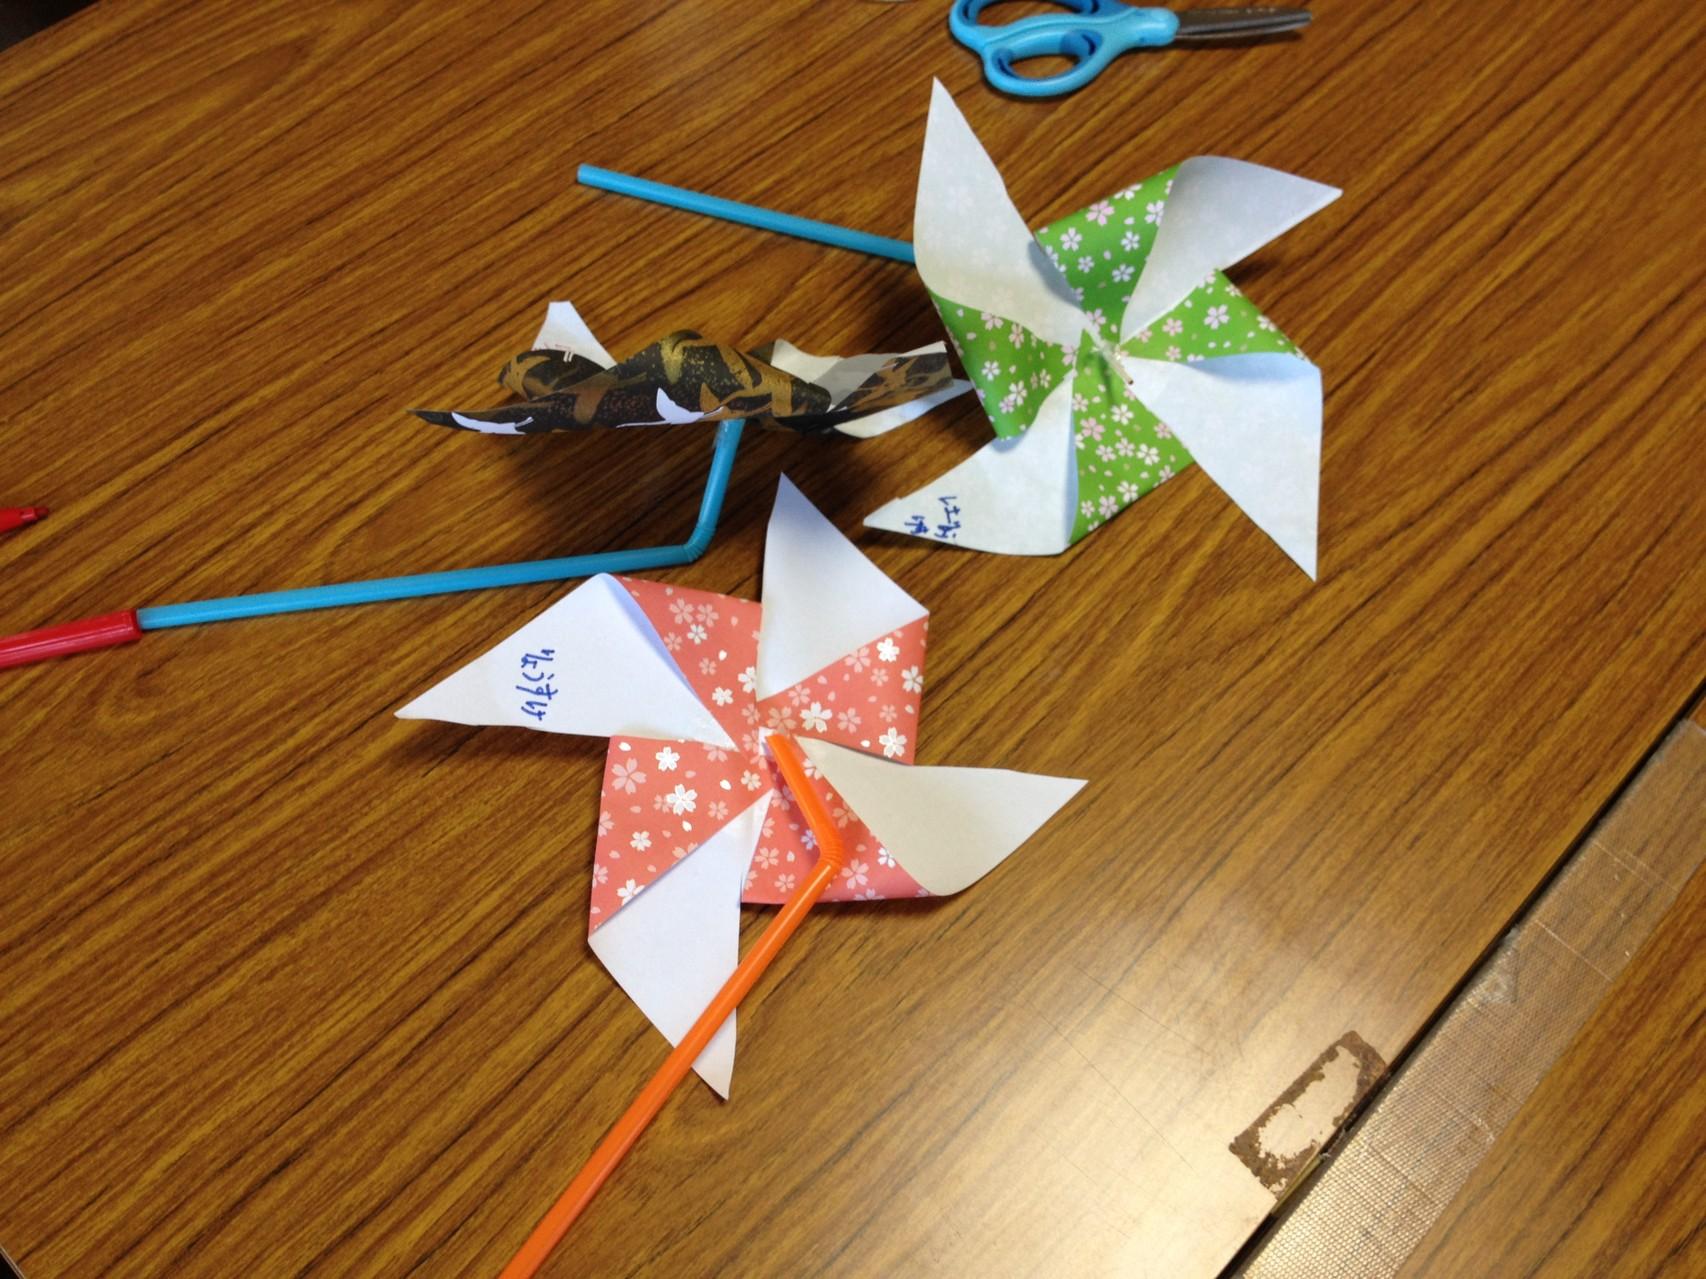 折り紙でつくった風車